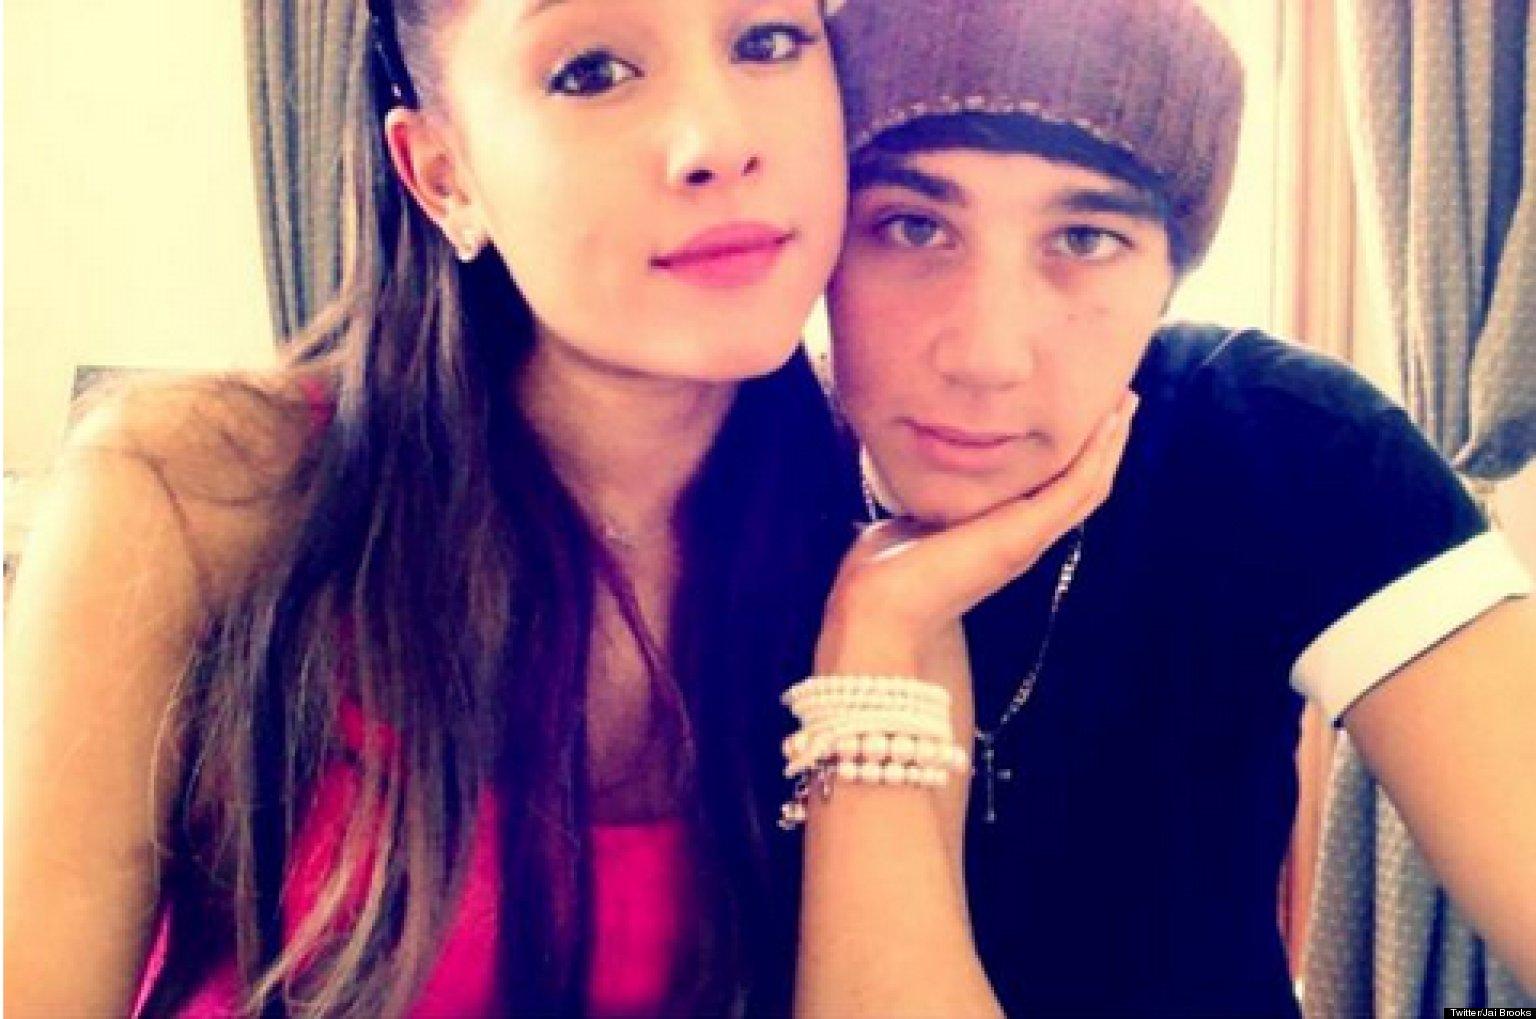 Ariana Grande And Jai Brooks Breakup: Has The Worlds